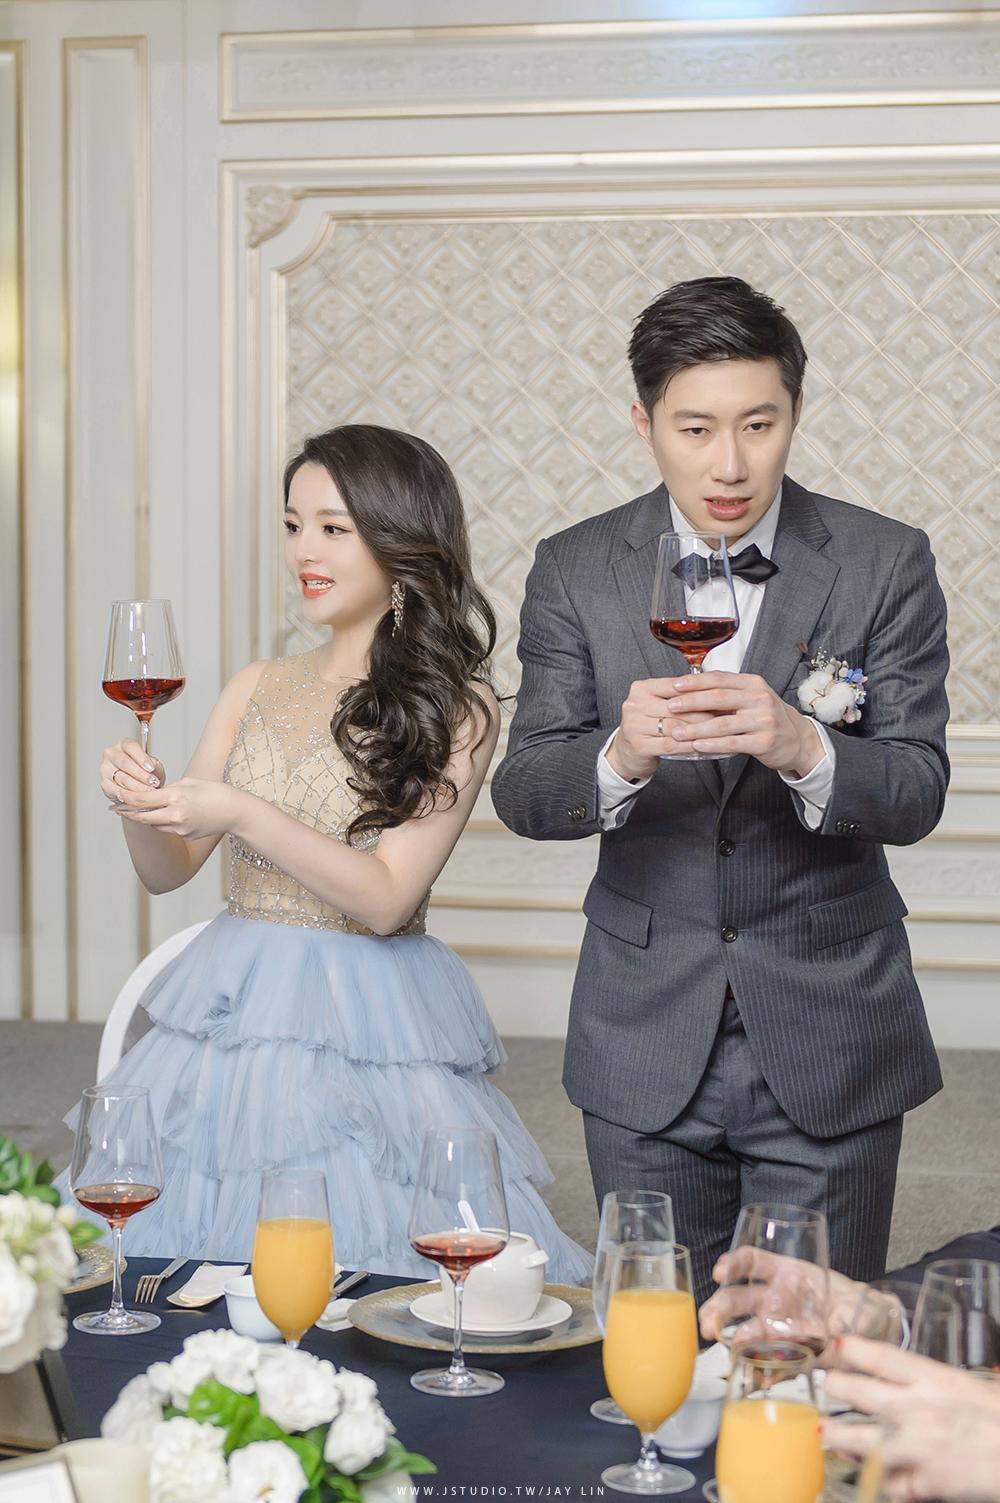 婚攝 台北婚攝 婚禮紀錄 婚攝 推薦婚攝 翡麗詩莊園 JSTUDIO_0108